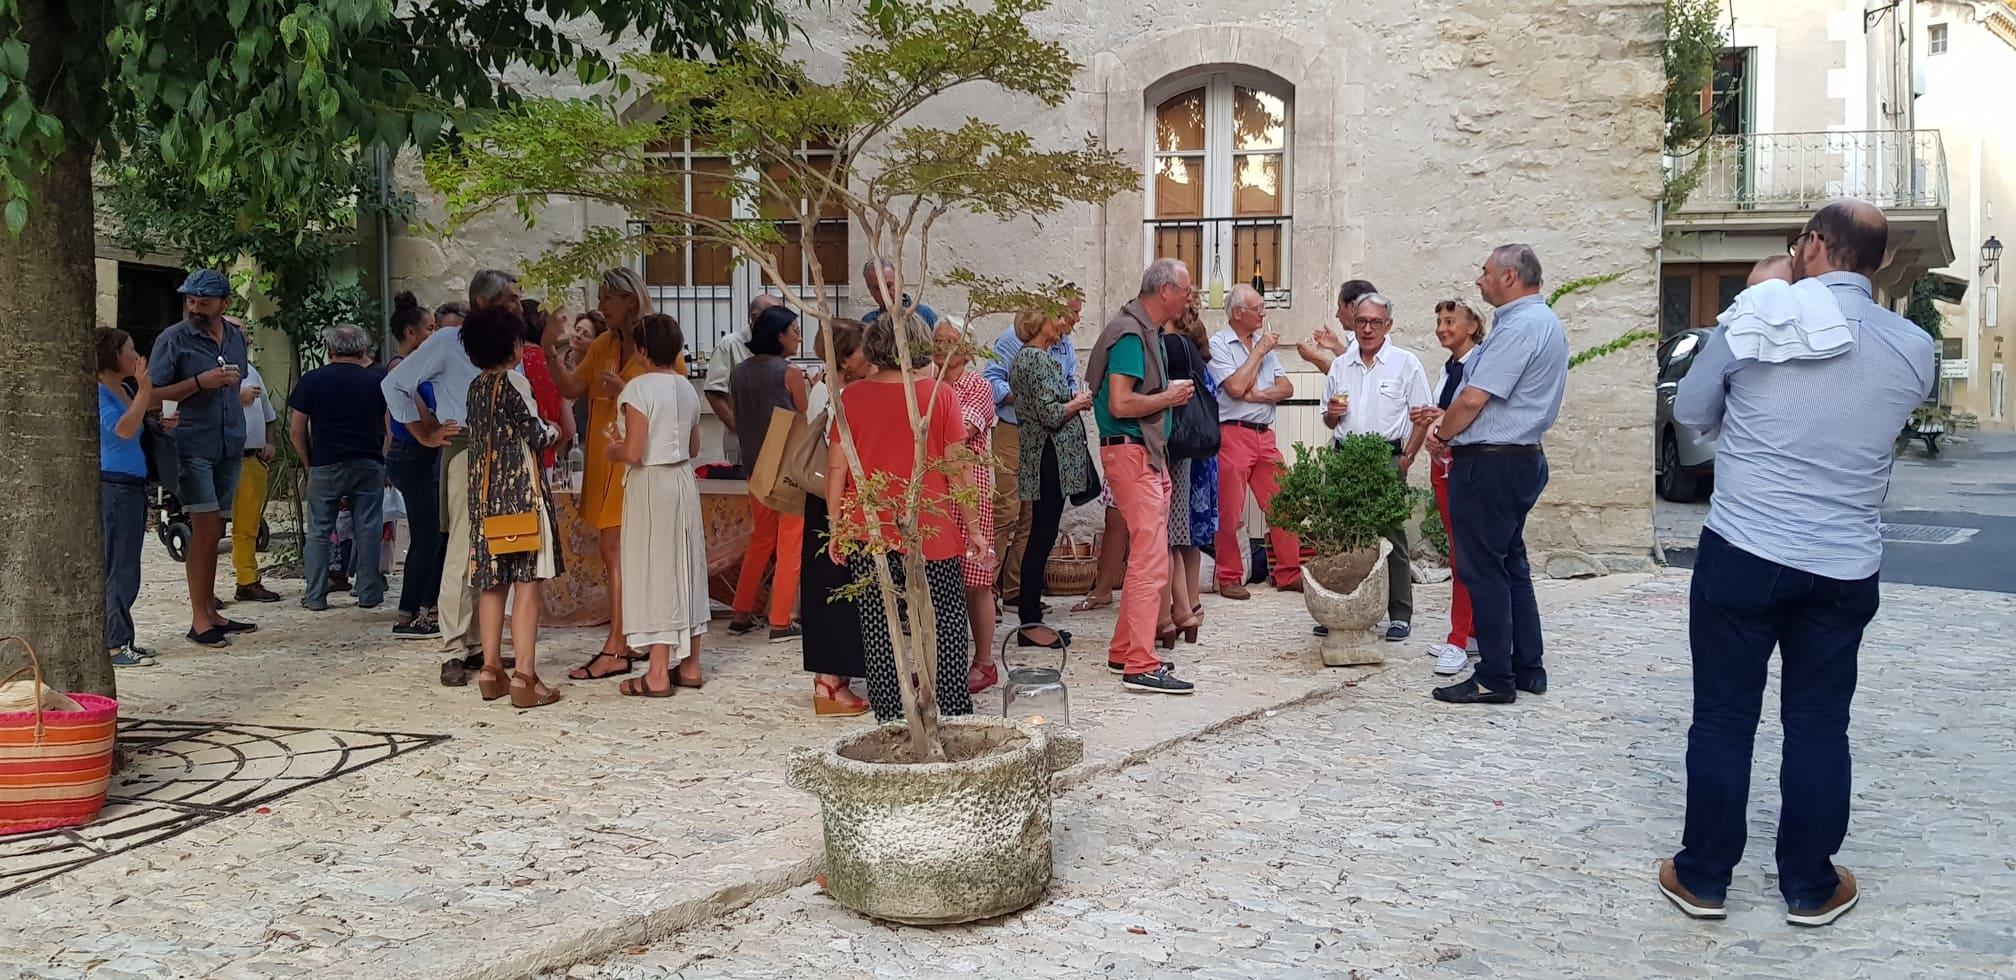 groupe de personnes partageant un verre dans la rue